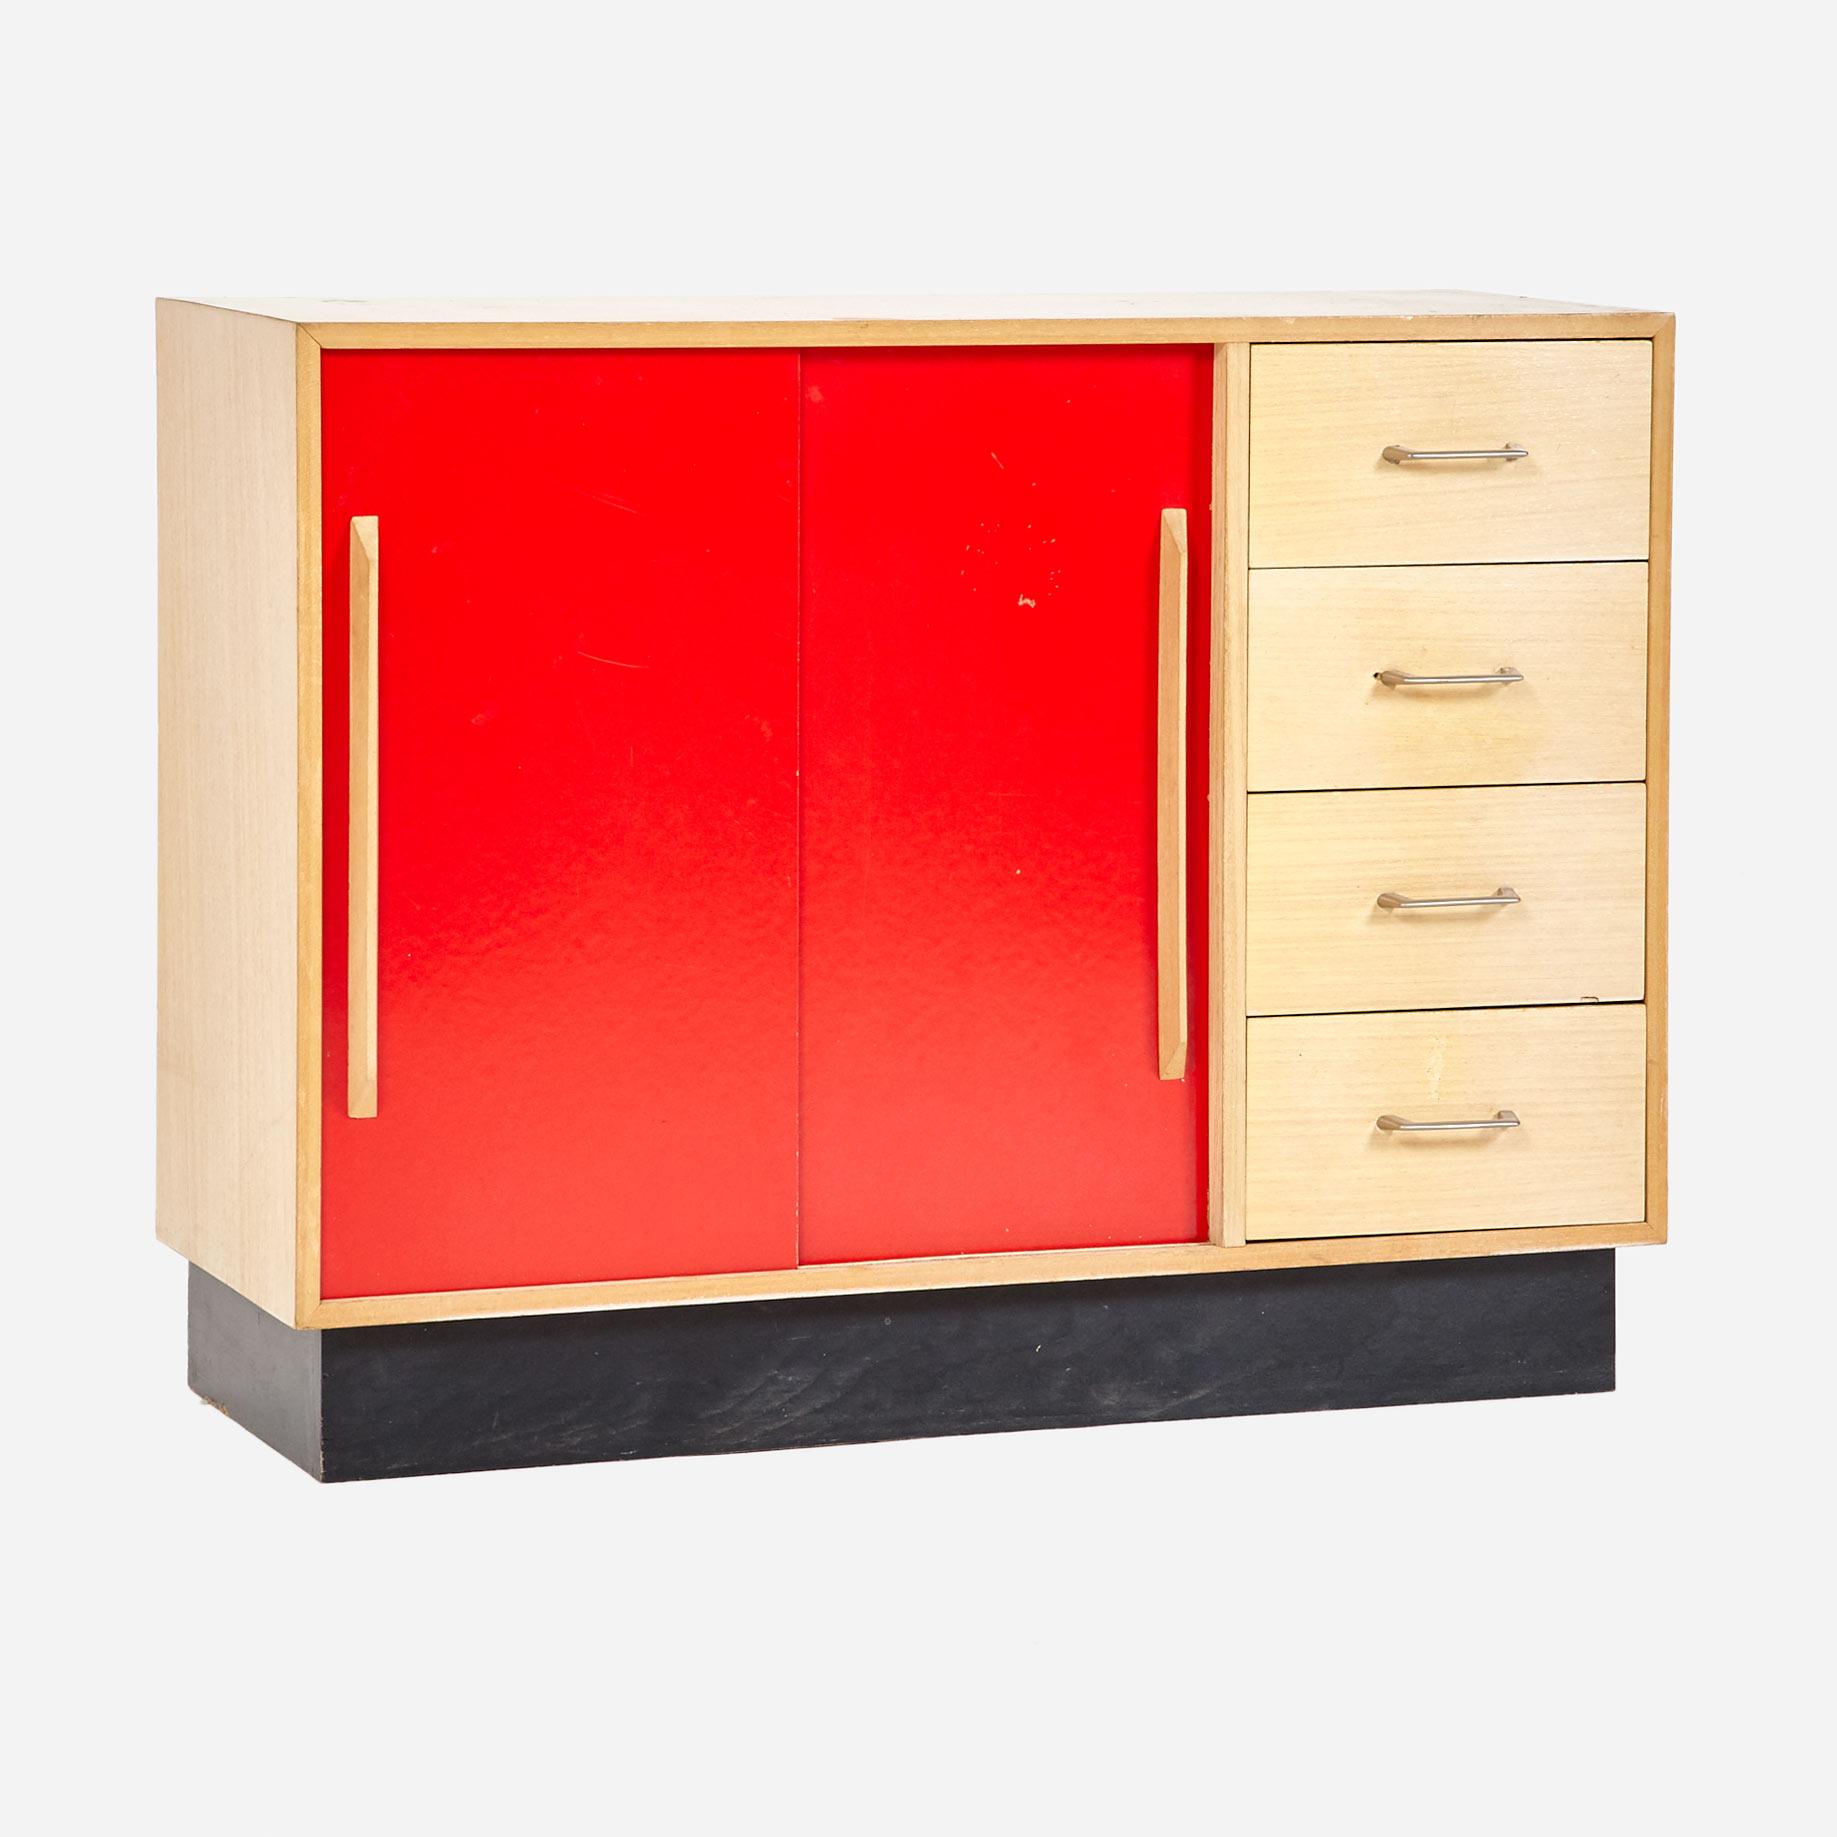 schiebeschrank mit schubladen m bel z rich vintagem bel. Black Bedroom Furniture Sets. Home Design Ideas